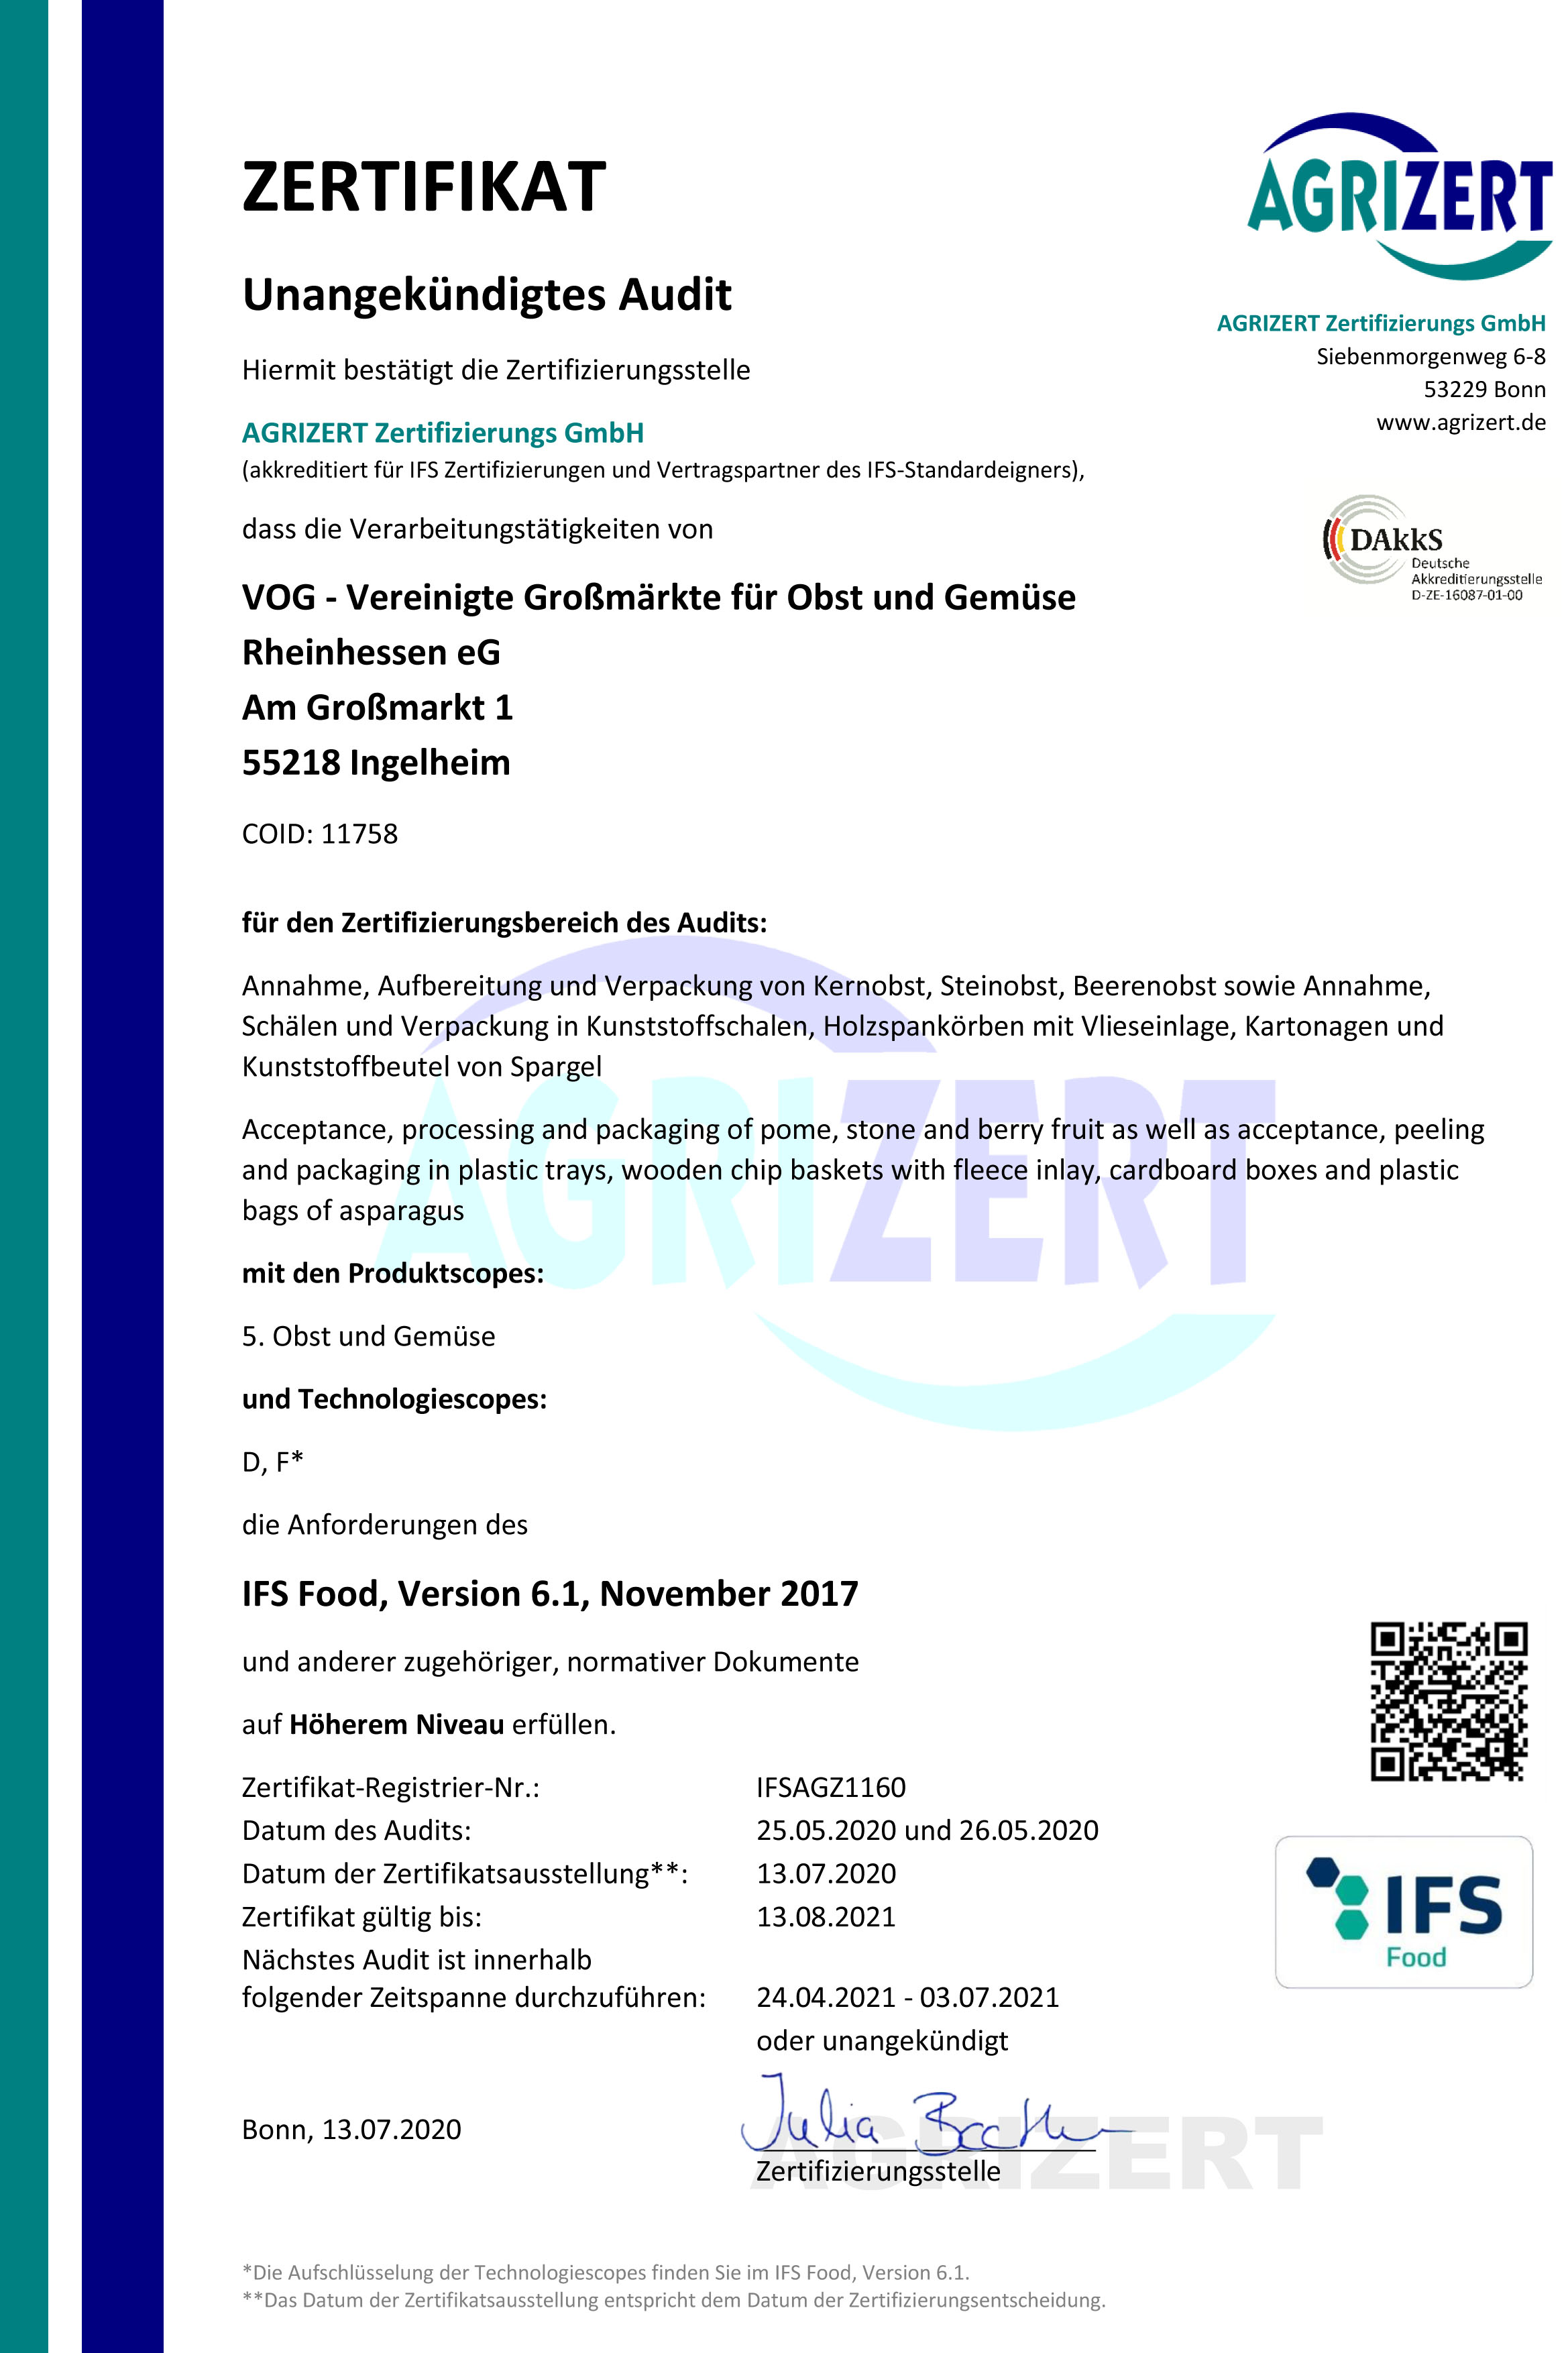 ifs-food-zertifikat-vog-g-ltig-bis-13-085f1e9f722a64f